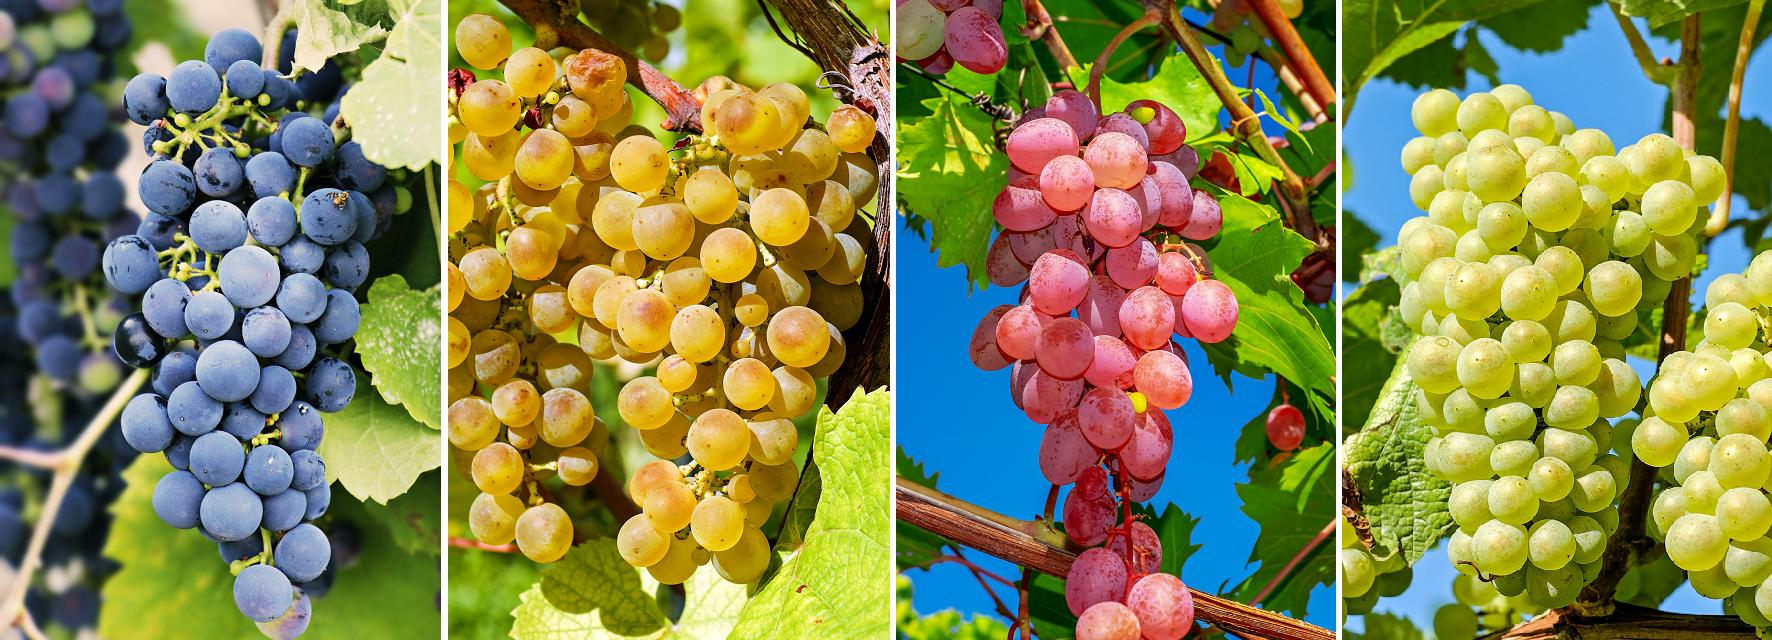 Rebsorte - Weintrauben in allen Farben (blau, gelb, rot, weiß)